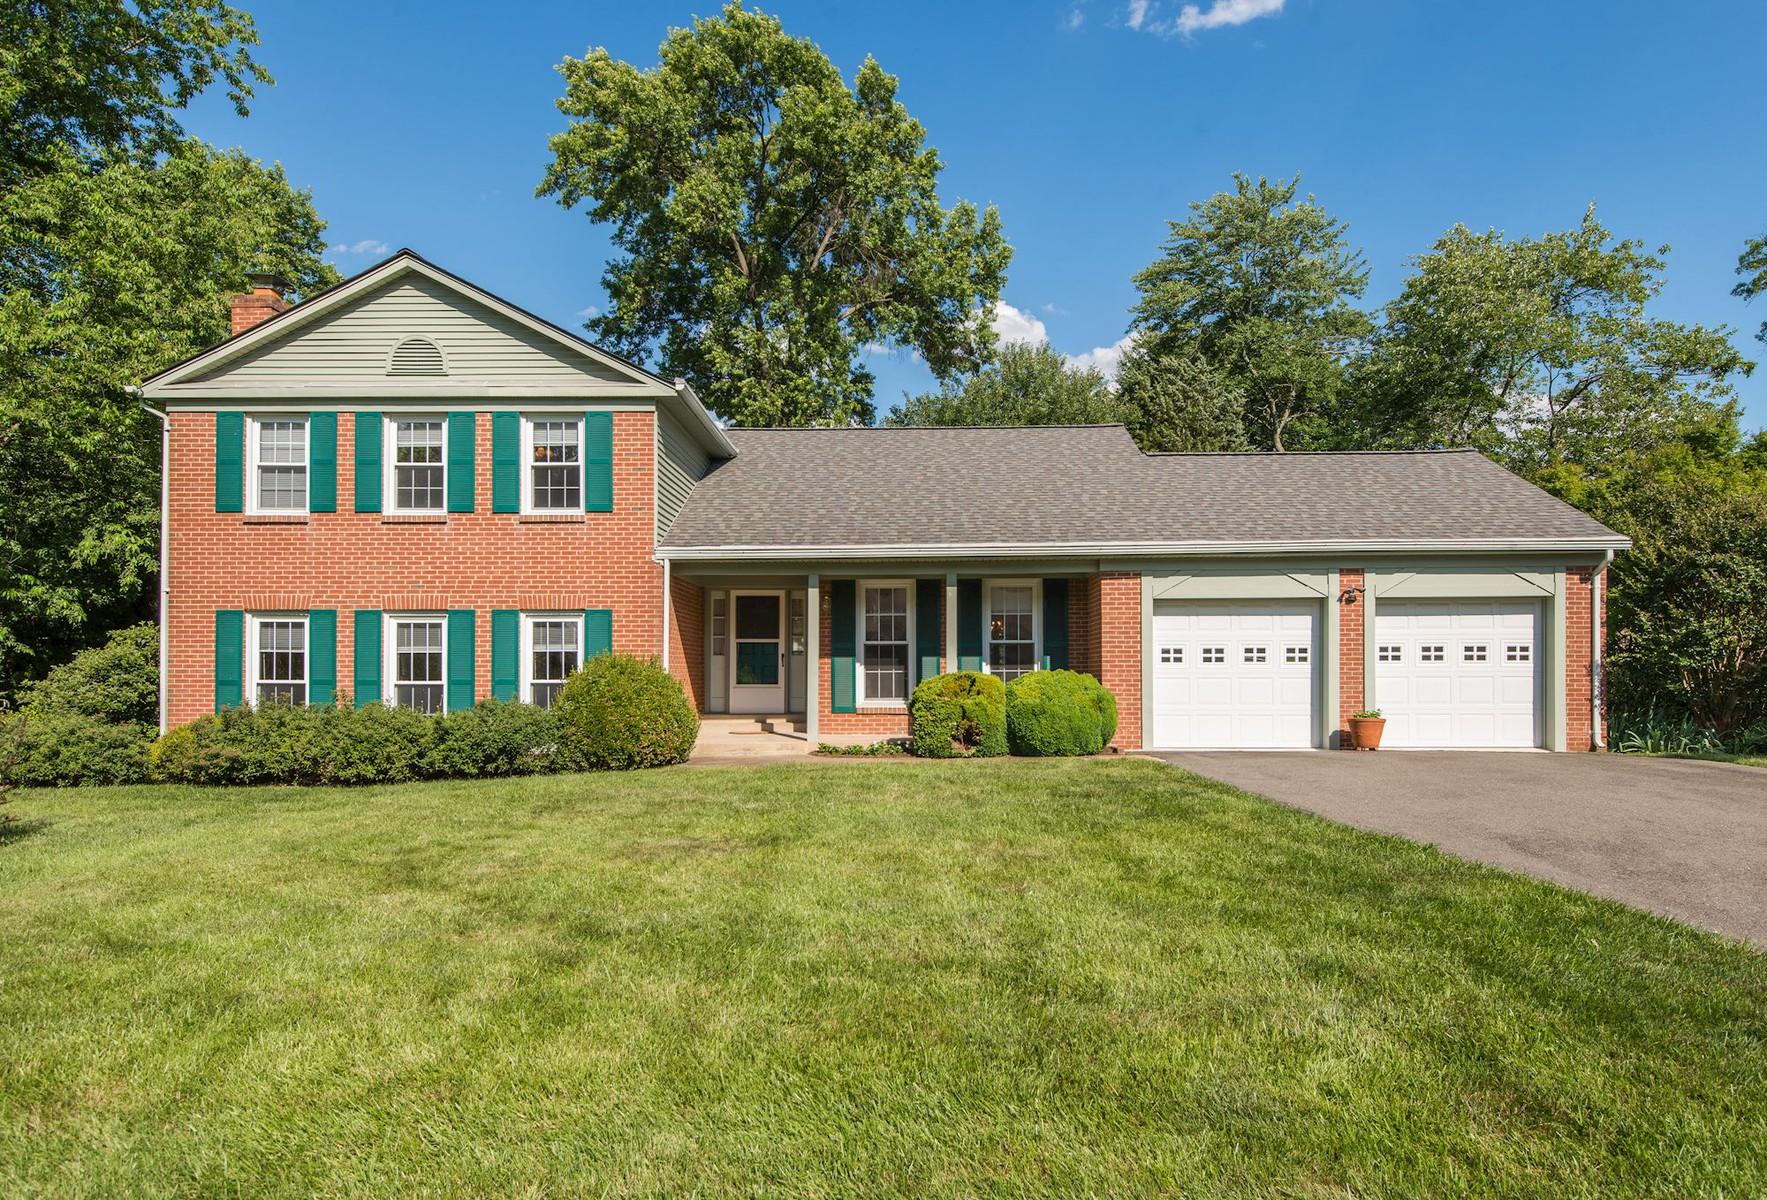 獨棟家庭住宅 為 出售 在 Vienna: 1727 Larkmeade Drive Vienna, 弗吉尼亞州 22182 美國